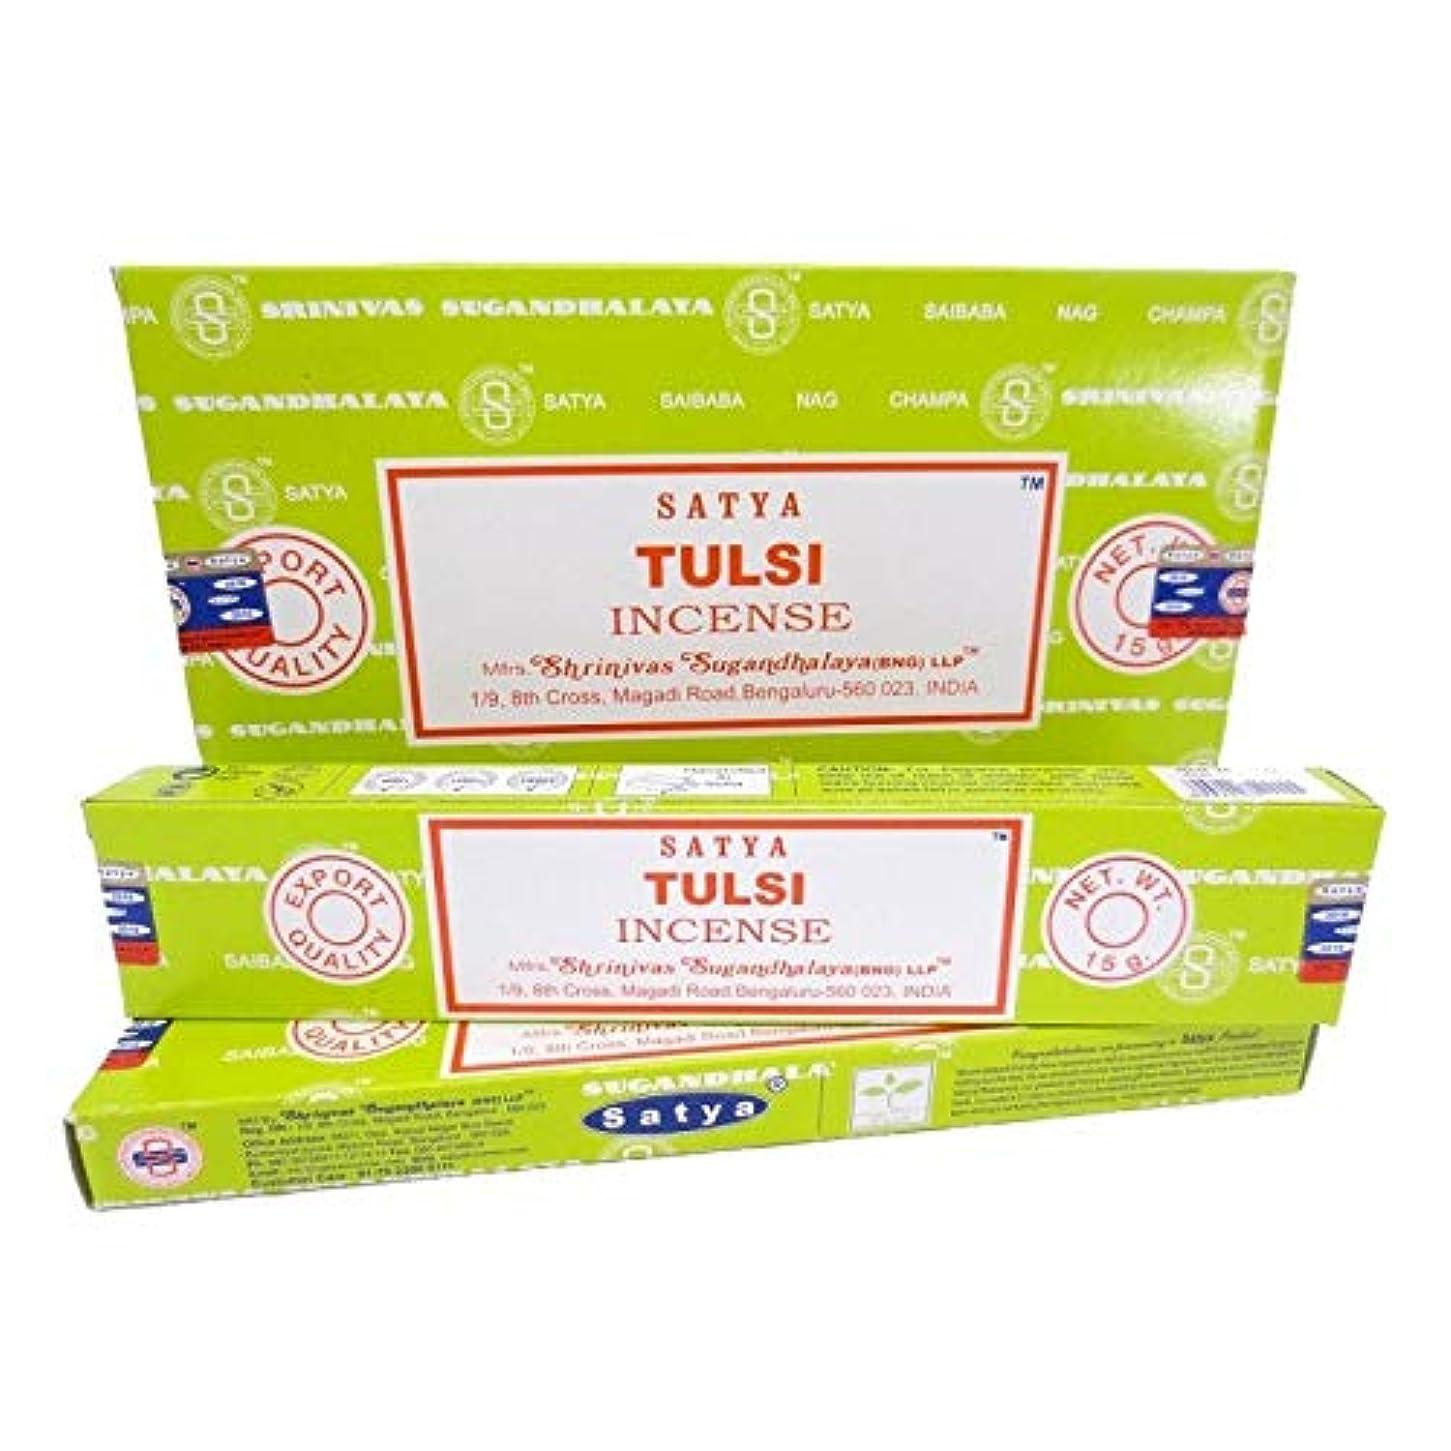 適格類似性辞書Satya Incense 1箱に12個の人気の香り - スティック(Tulsi)